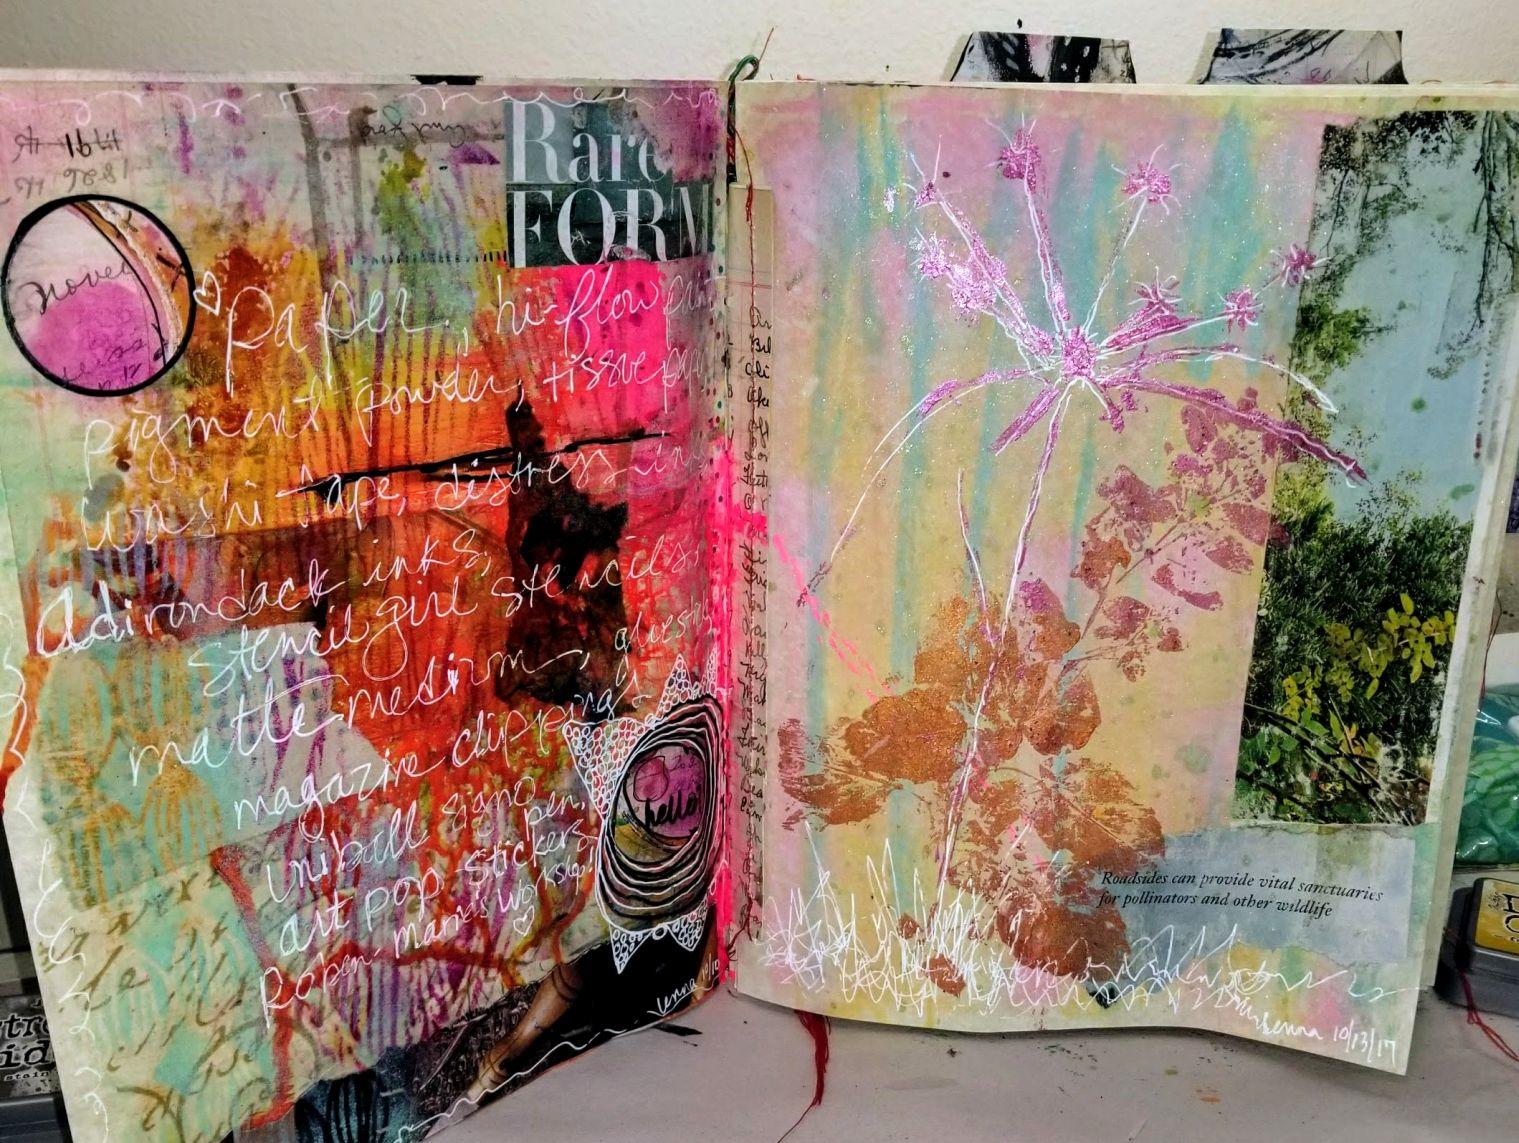 pg 2 plus pg 3: oxide ink background